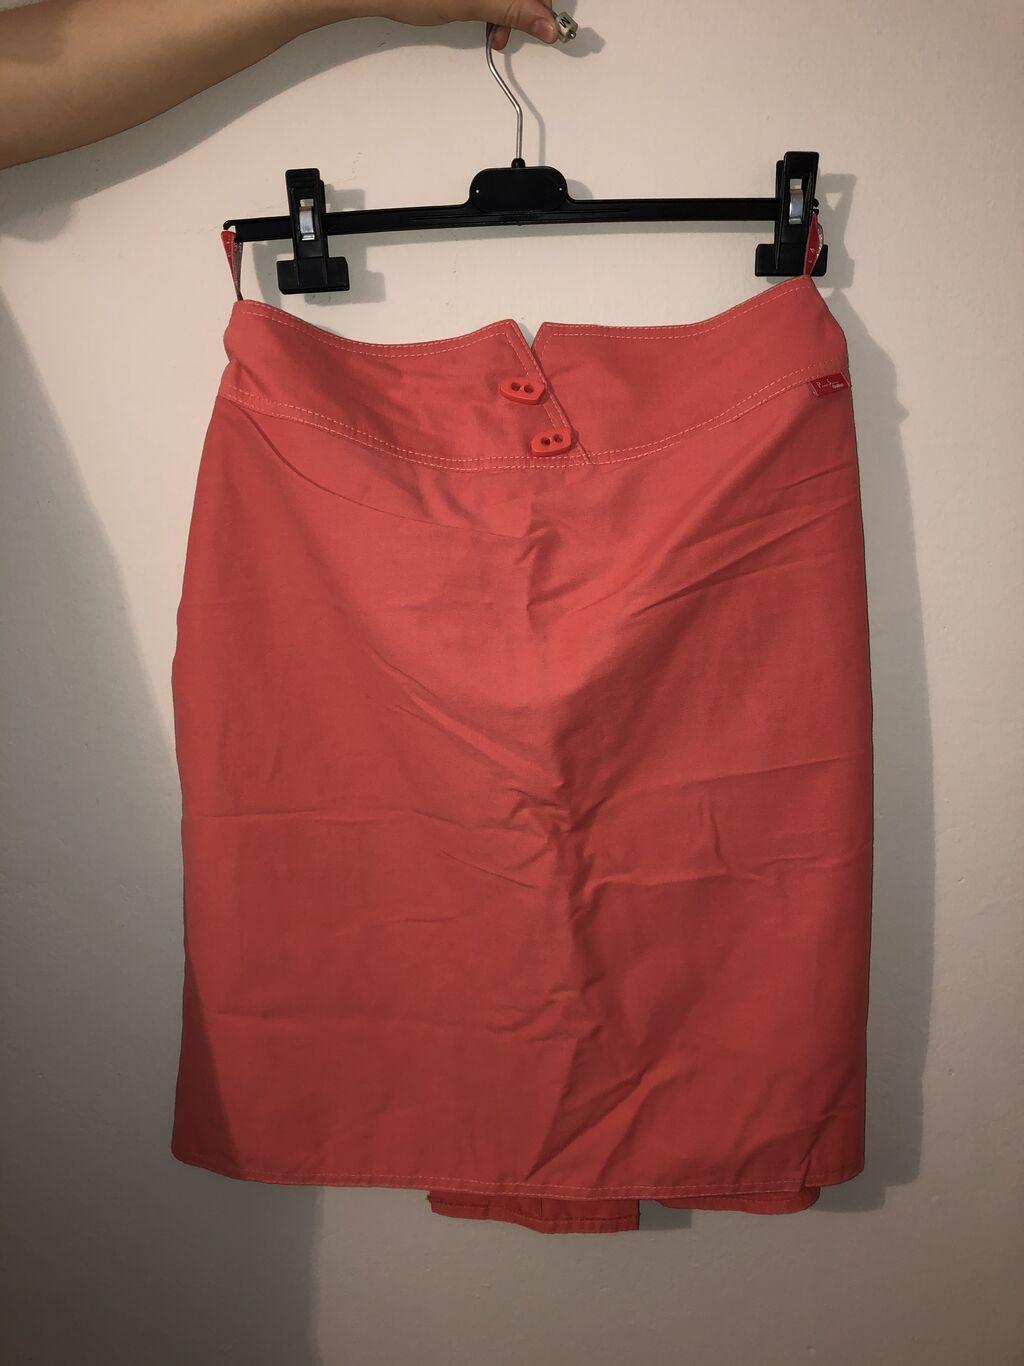 Suknja marke p.s.dobro očuvana, veličina 40, cena 500 dinara